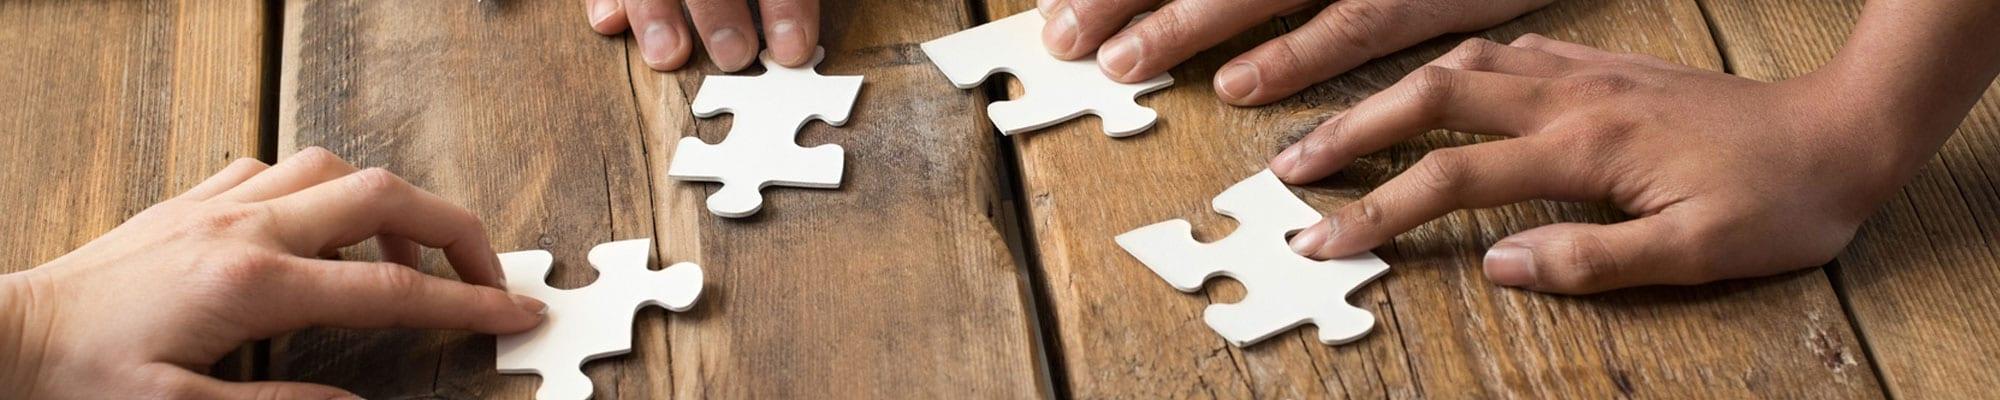 Estrategia de materiales de construcción de tu empresa